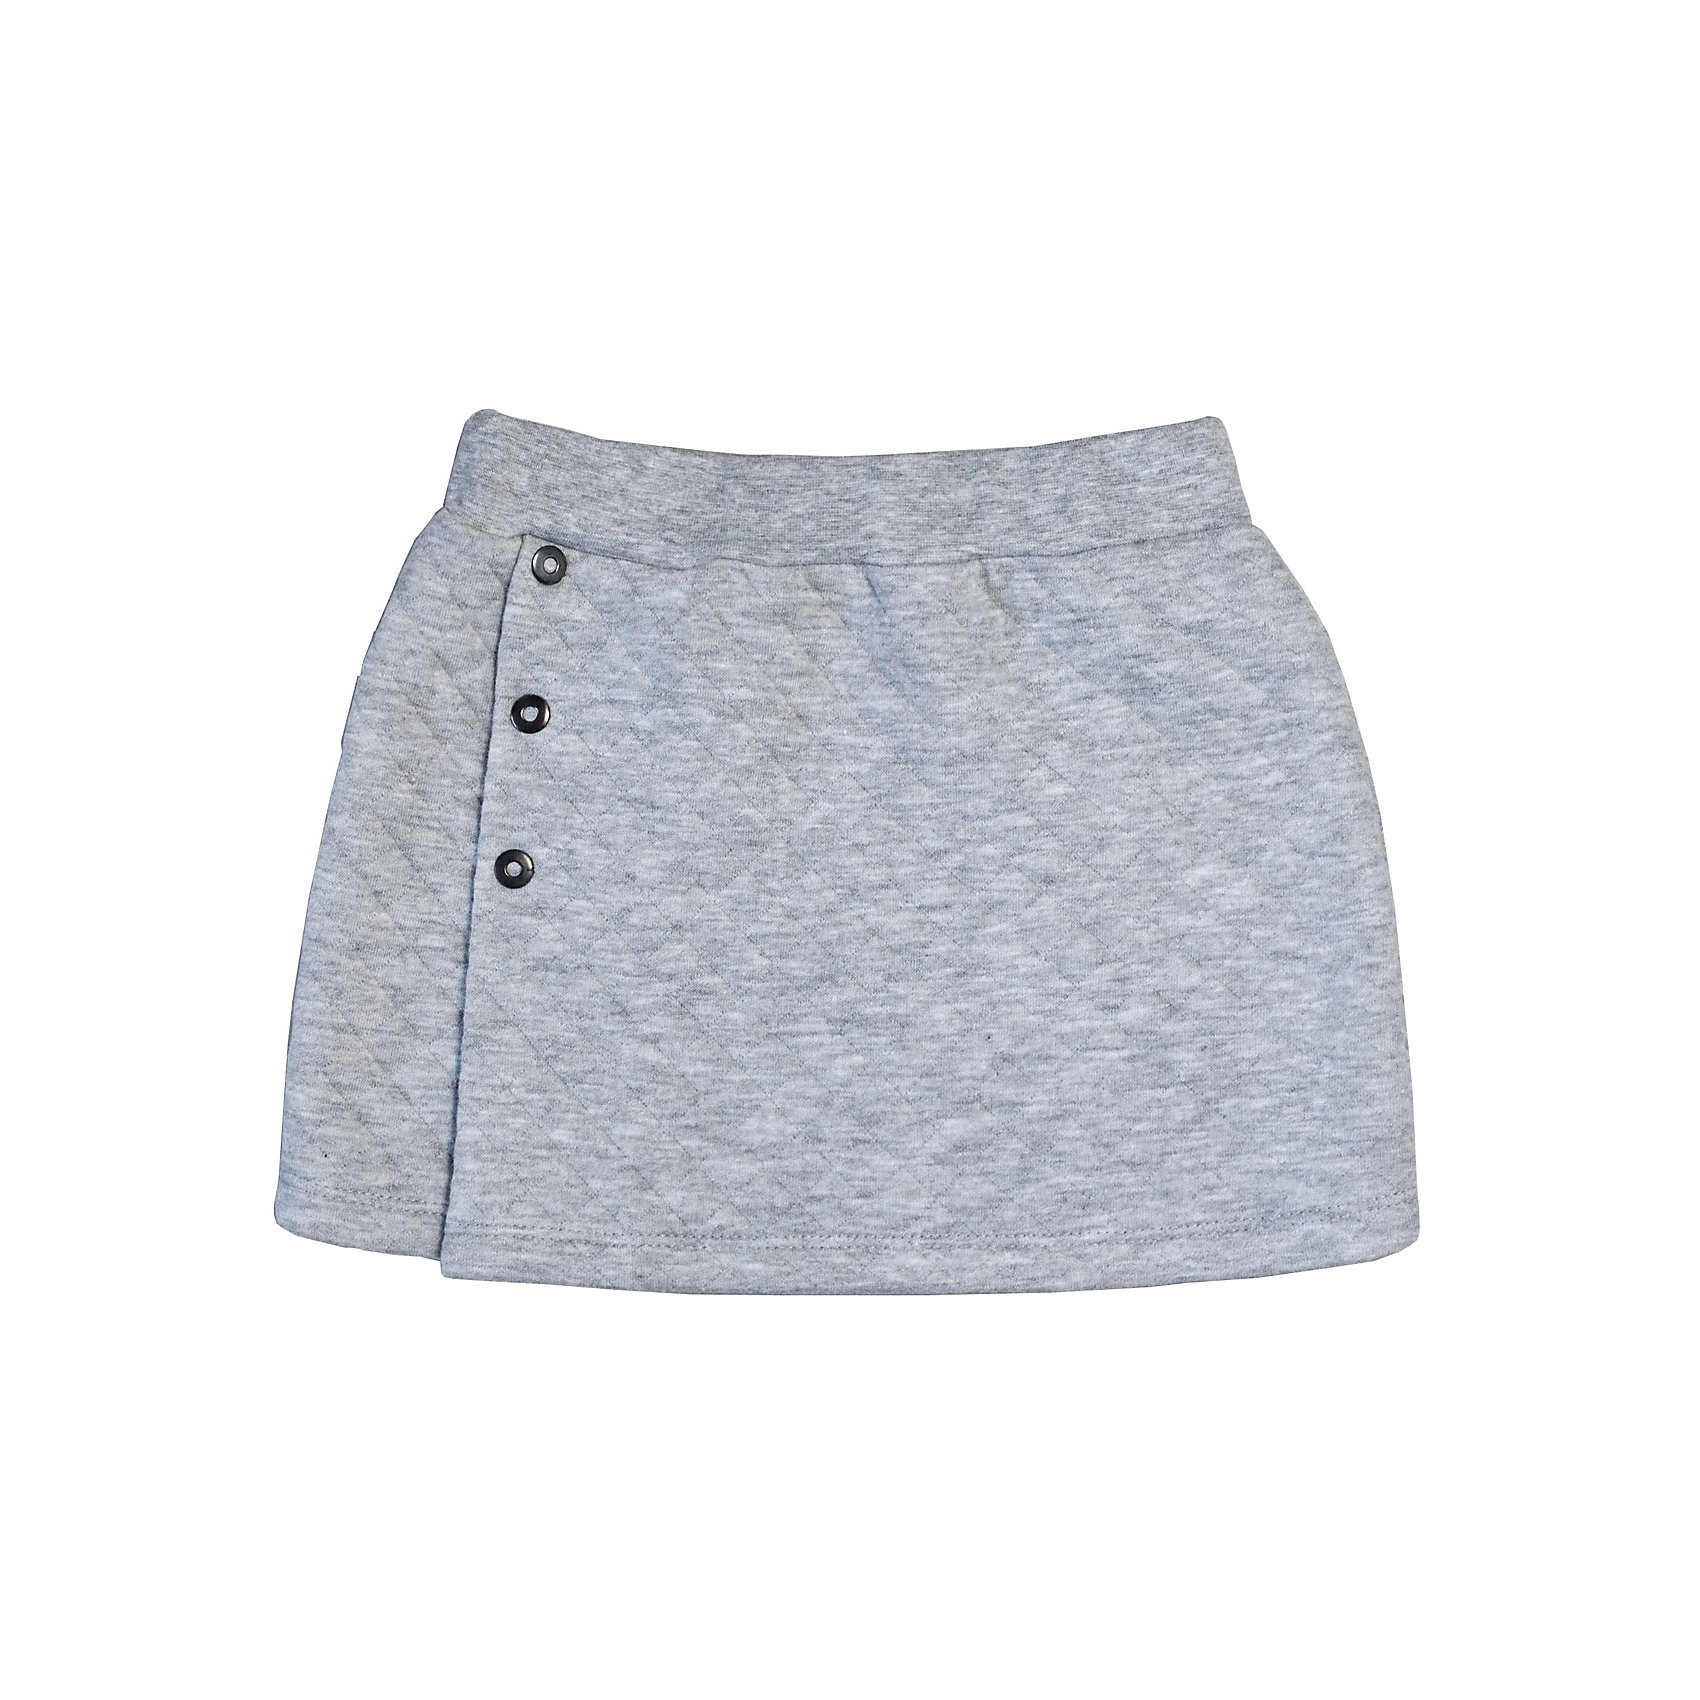 Мамуляндия Юбка для девочки МАМУЛЯНДИЯ юбка для девочки ge520743 разноцветный gaialuna